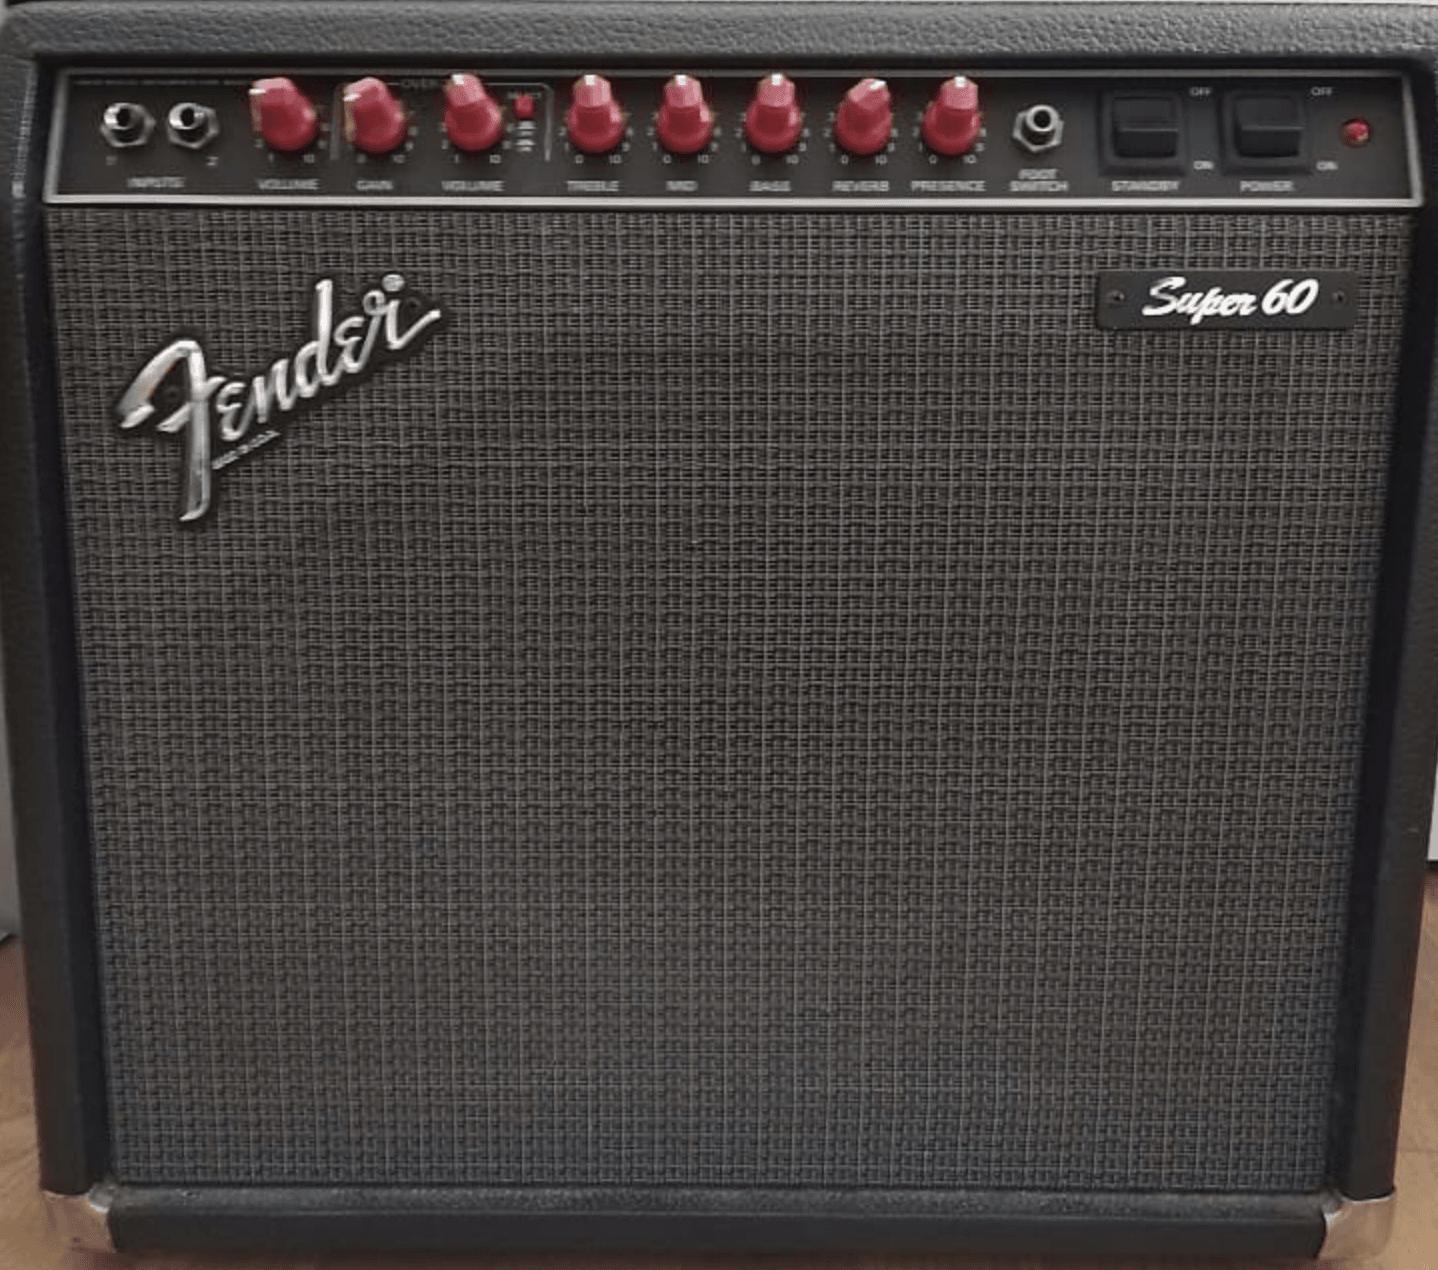 Röhren für Ihren Fender Super 60 width=